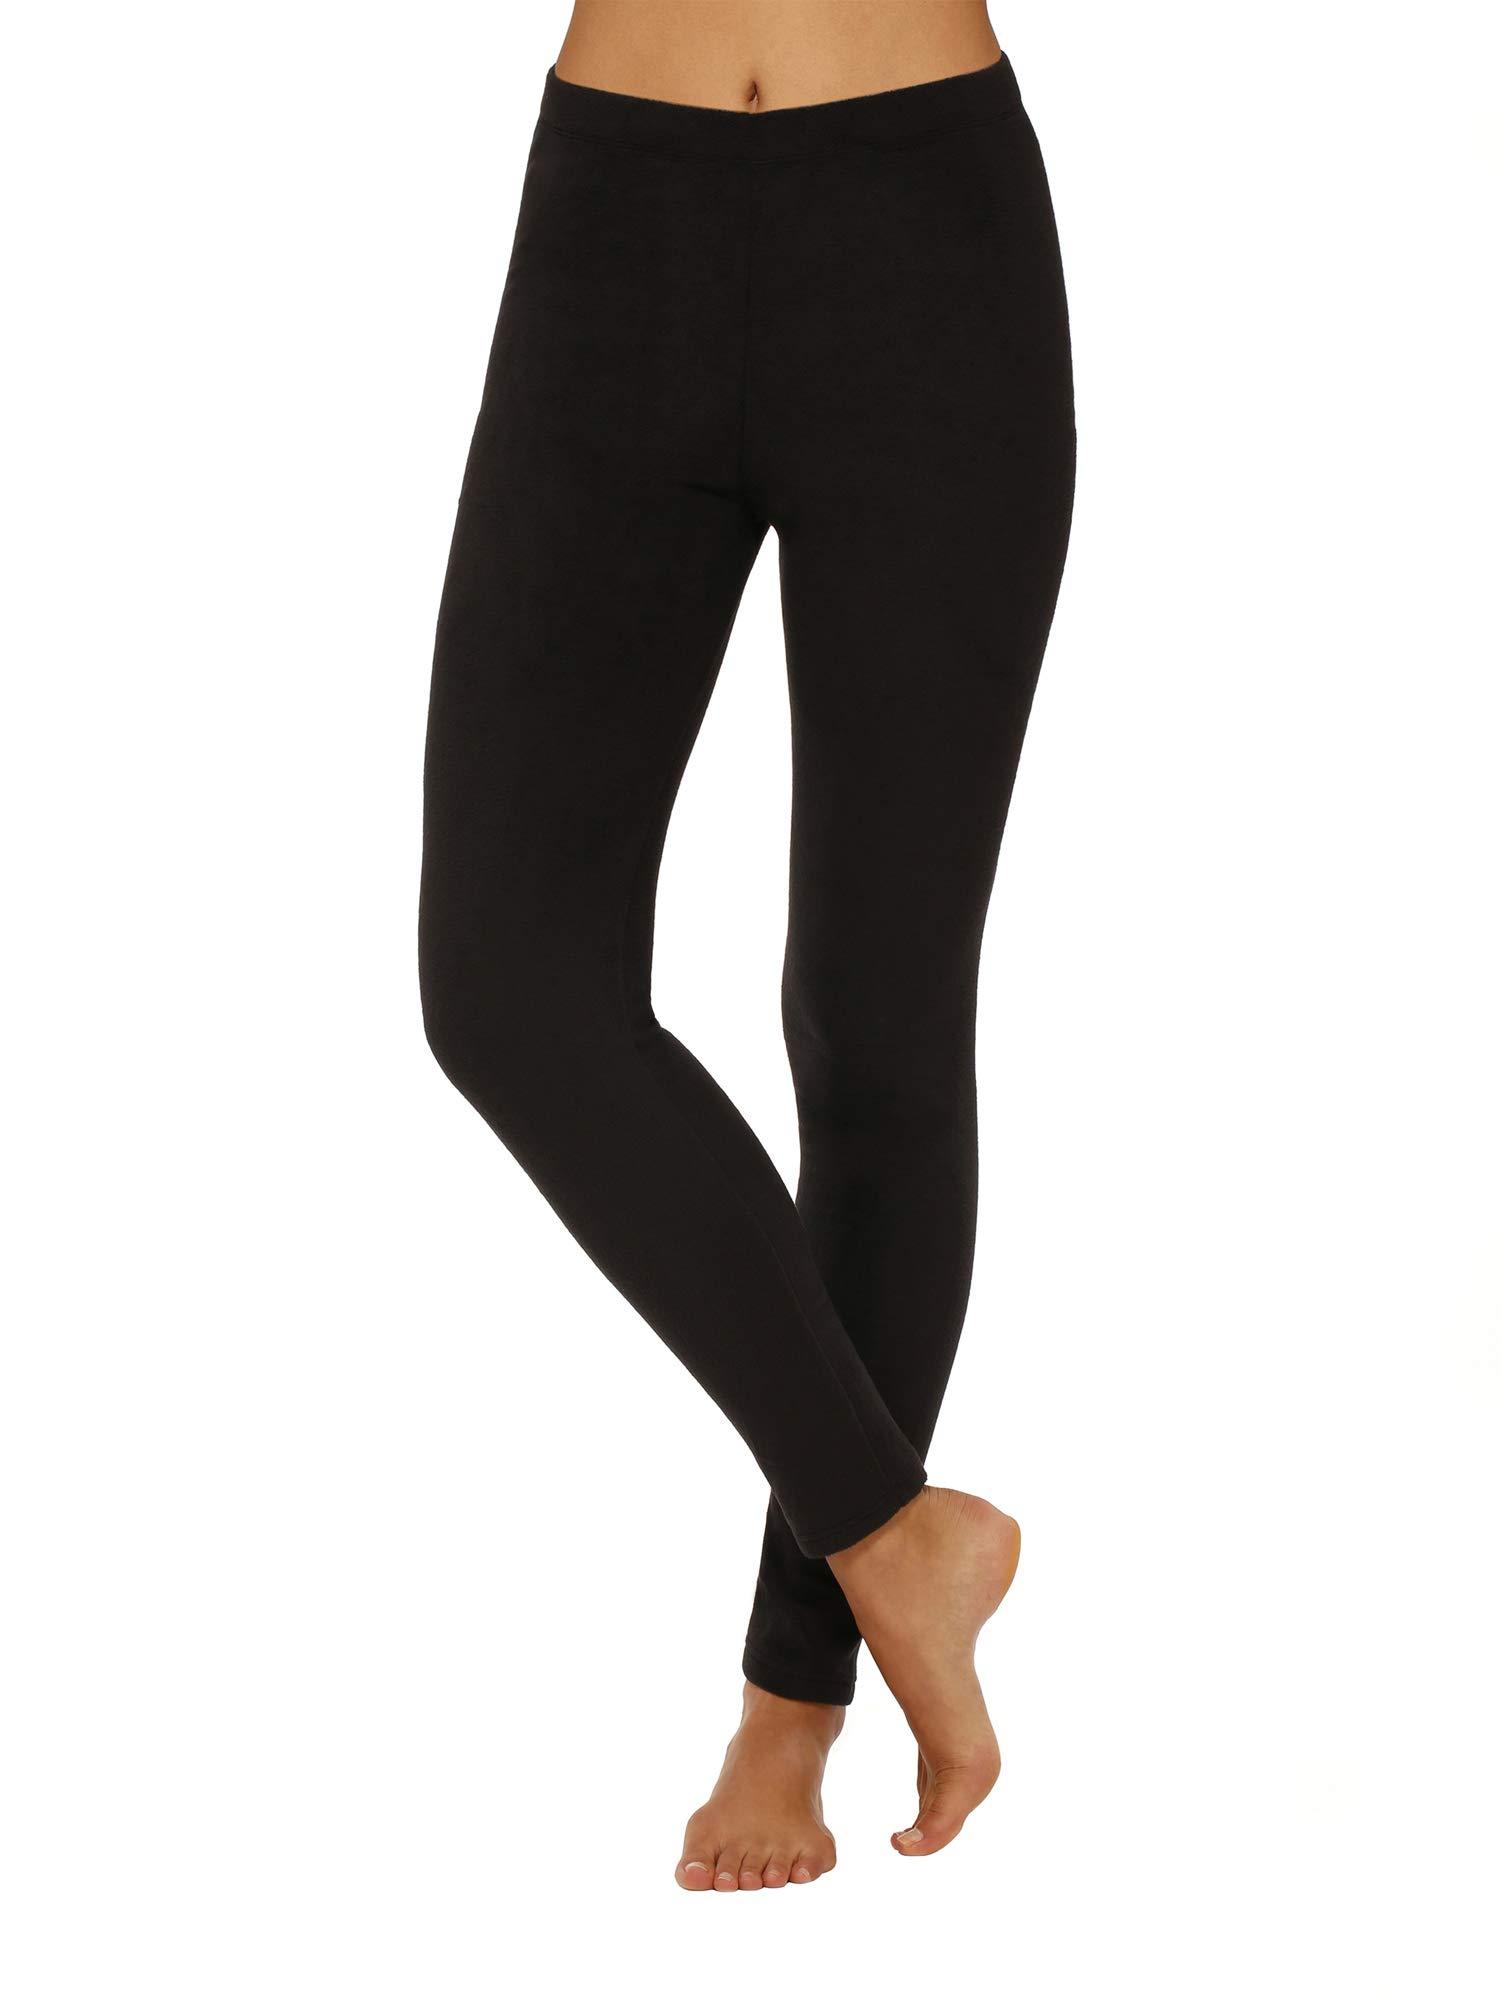 Cuddl Duds ClimateRight Womens Stretch Fleece Warm Underwear Leggings/Pants (XXXL/3X, Tuest Black) by Cuddl Duds